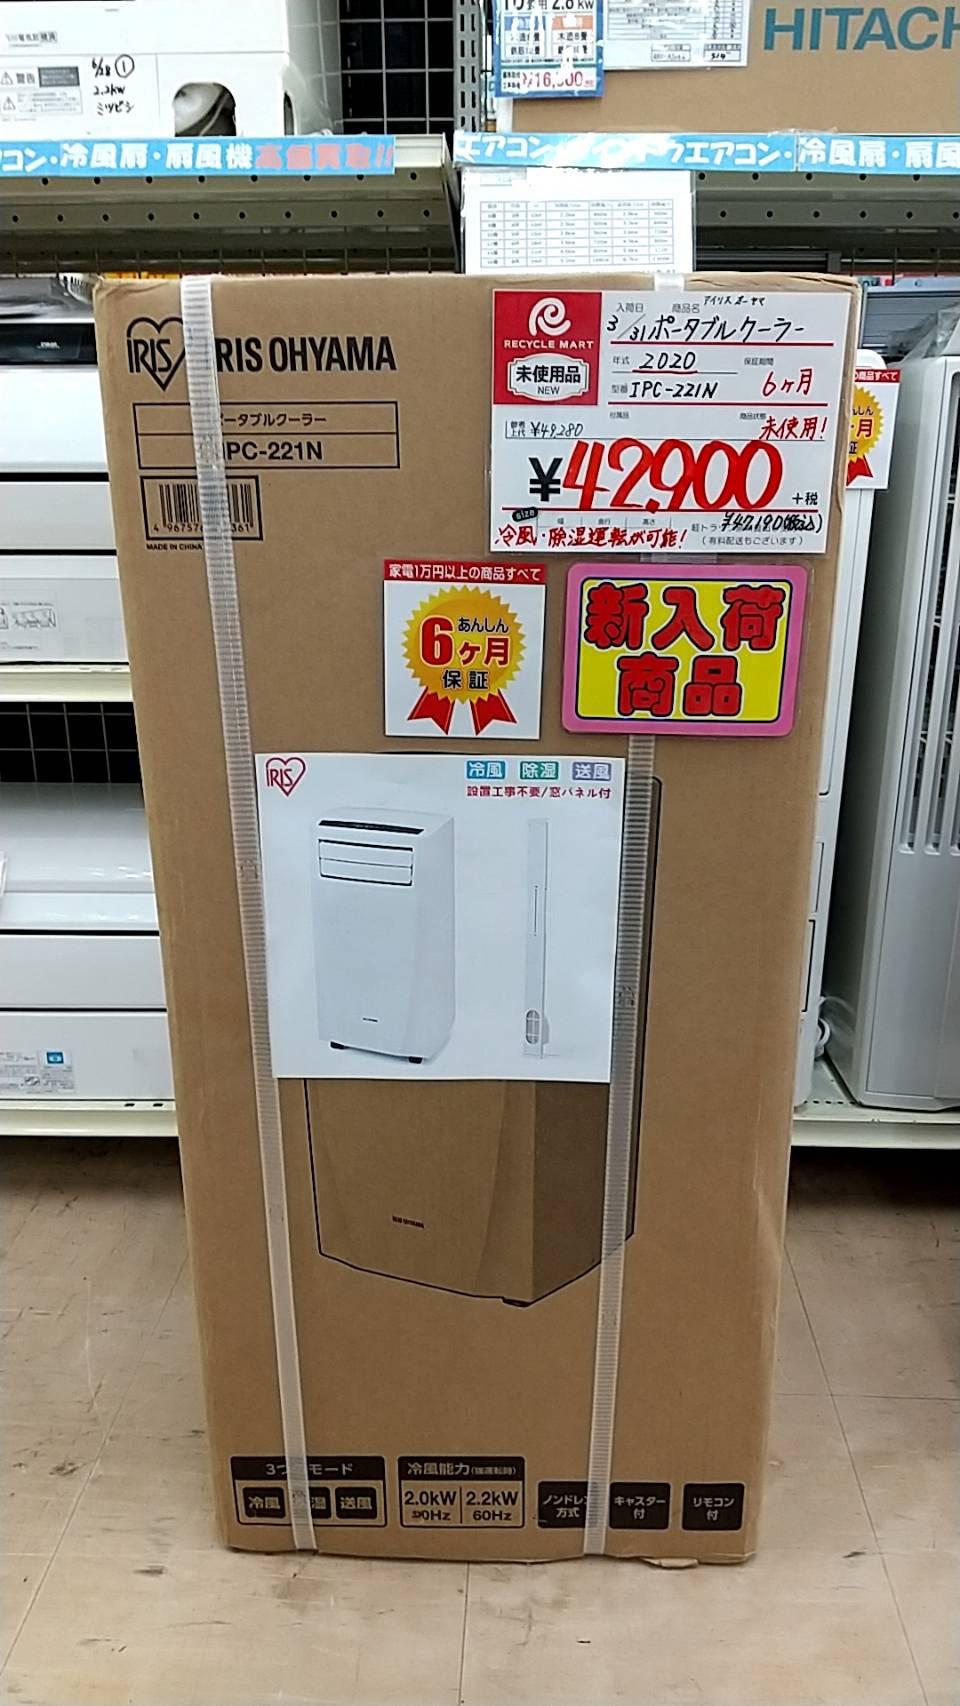 【新品!! アイリスオーヤマ ポータブルクーラー 2020年製 IPC-221N】を買取致しました!の買取-